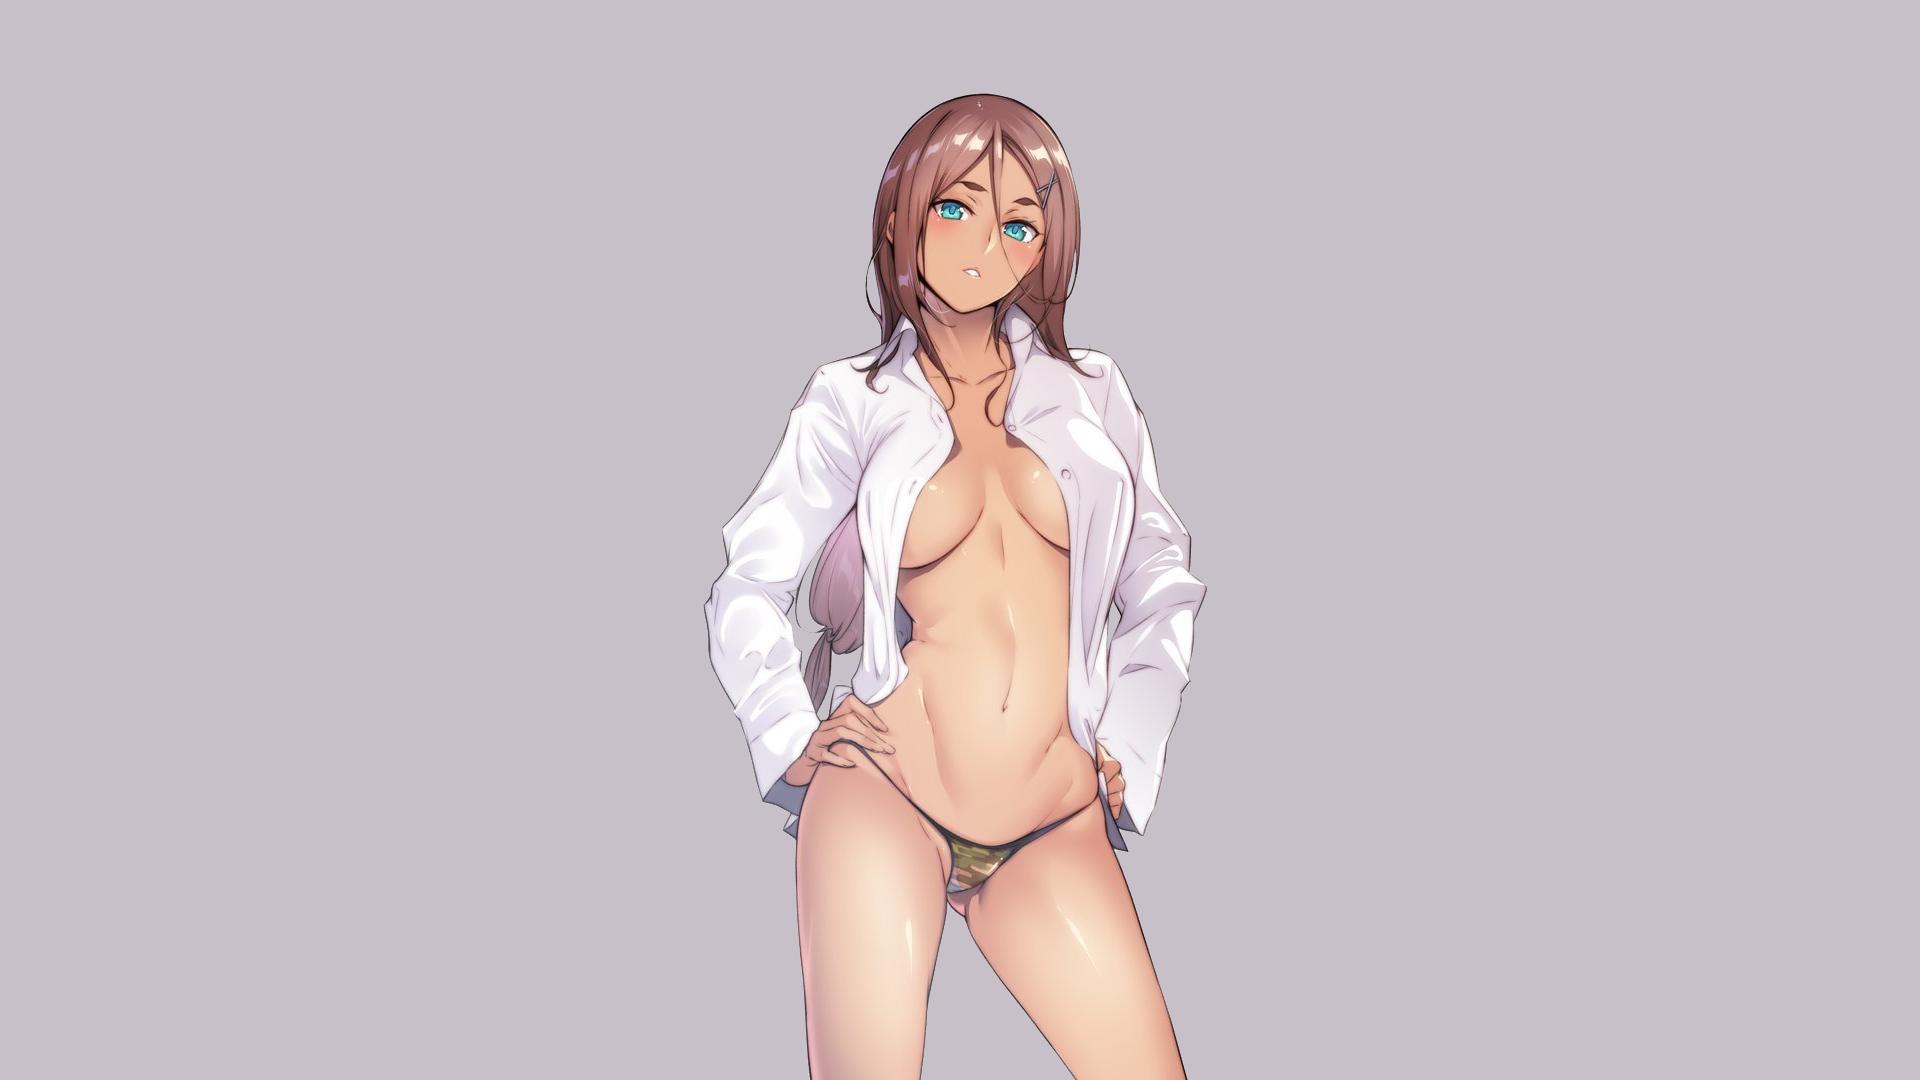 Sexy anime girl wallpaper nude erotica photo